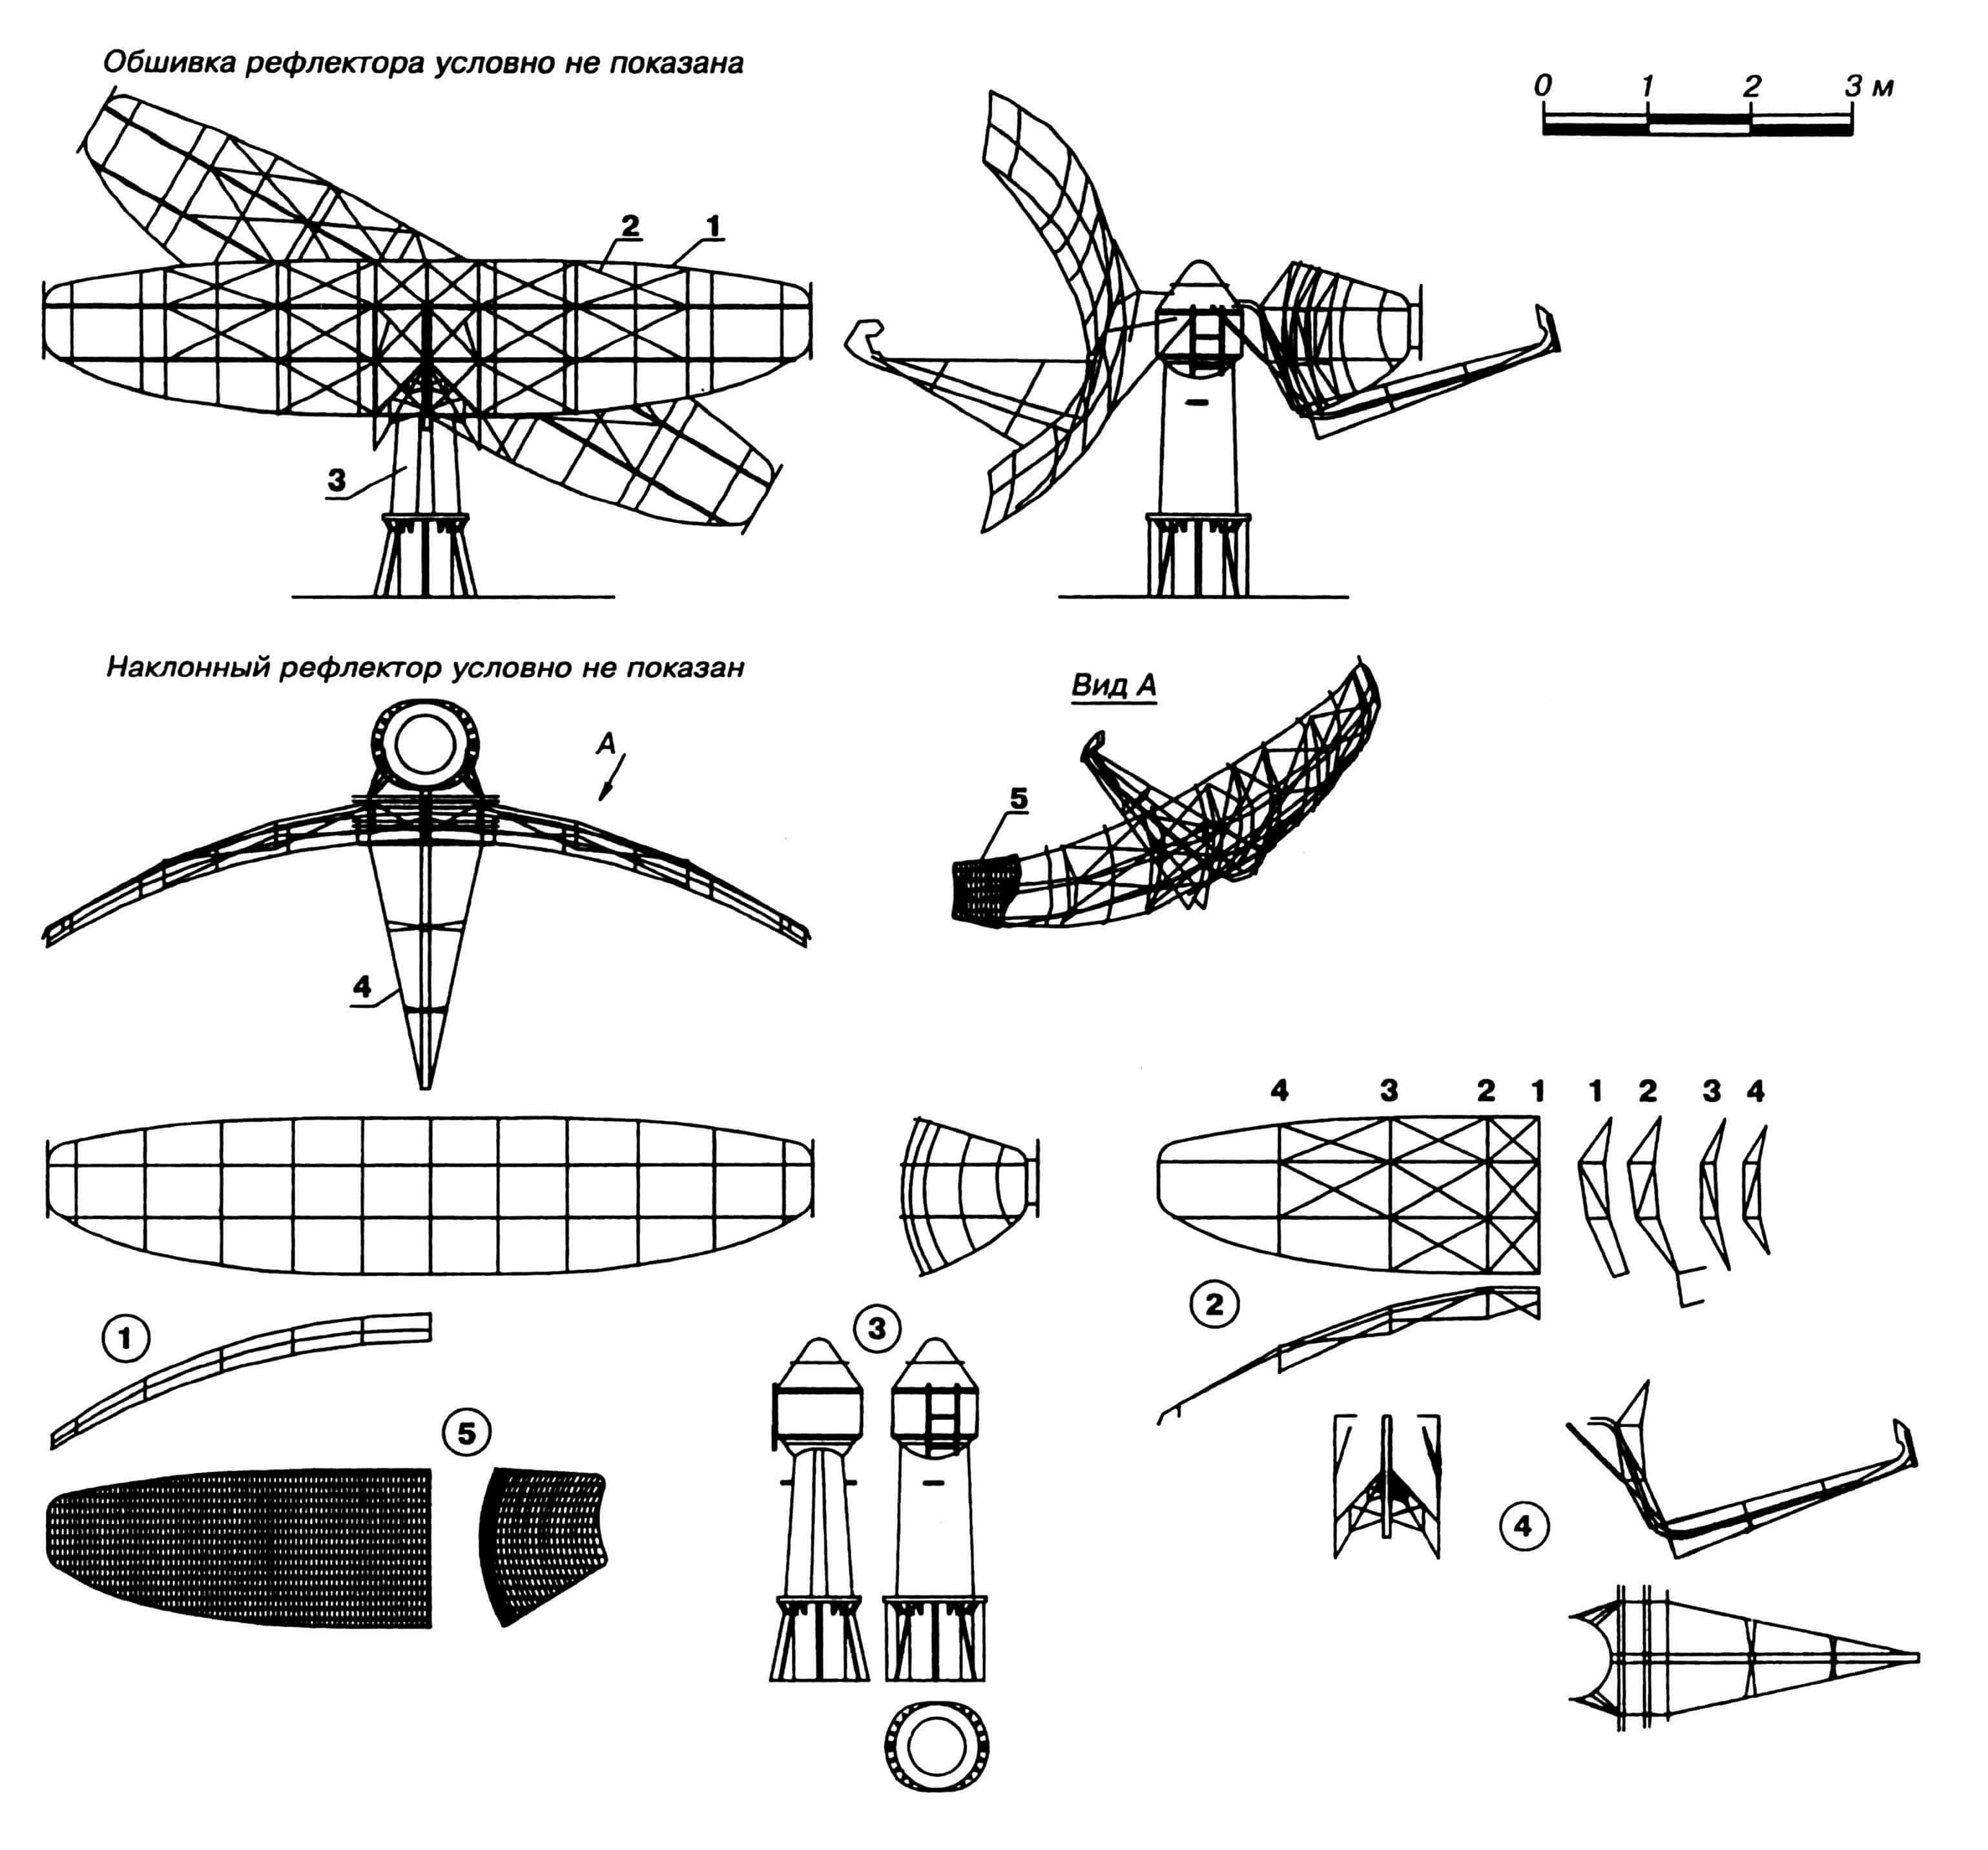 Антенна обзорной РЛС: 1 — каркас рефлектора; 2— часть рефлектора несущая; 3 — устройство опорно-поворотное; 4 — часть облучателя несущая; 5 — обшивка рефлектора.